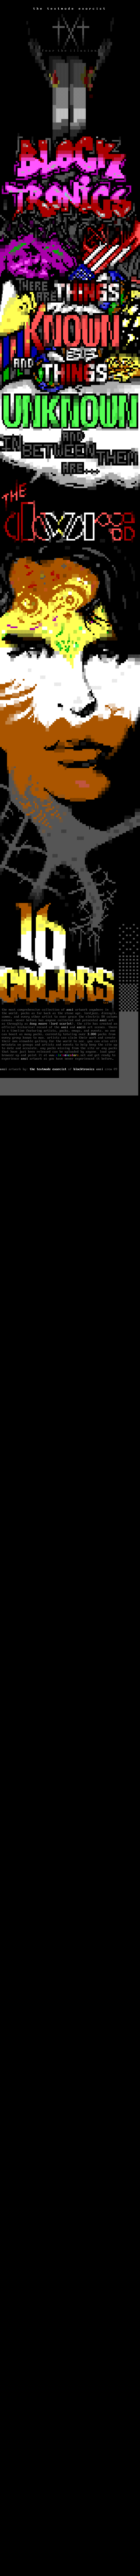 txt-16c.ans